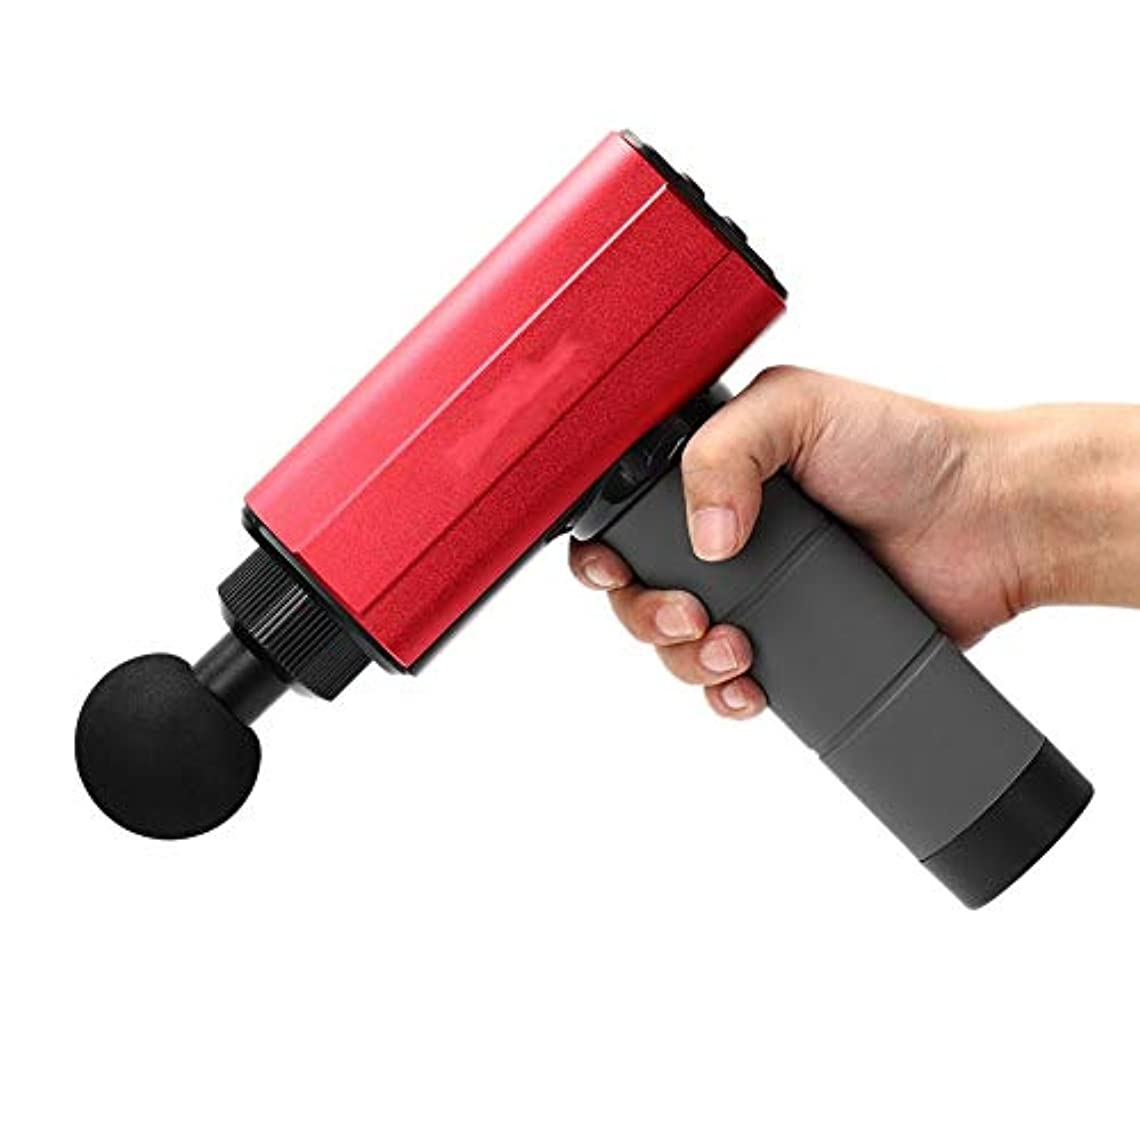 あなたは容赦ない屈辱する手持ち型の深いティッシュ筋肉マッサージャー銃の再充電可能なマッサージ装置、体の痛みのための専門のコードレスパーカッション(US Plug)